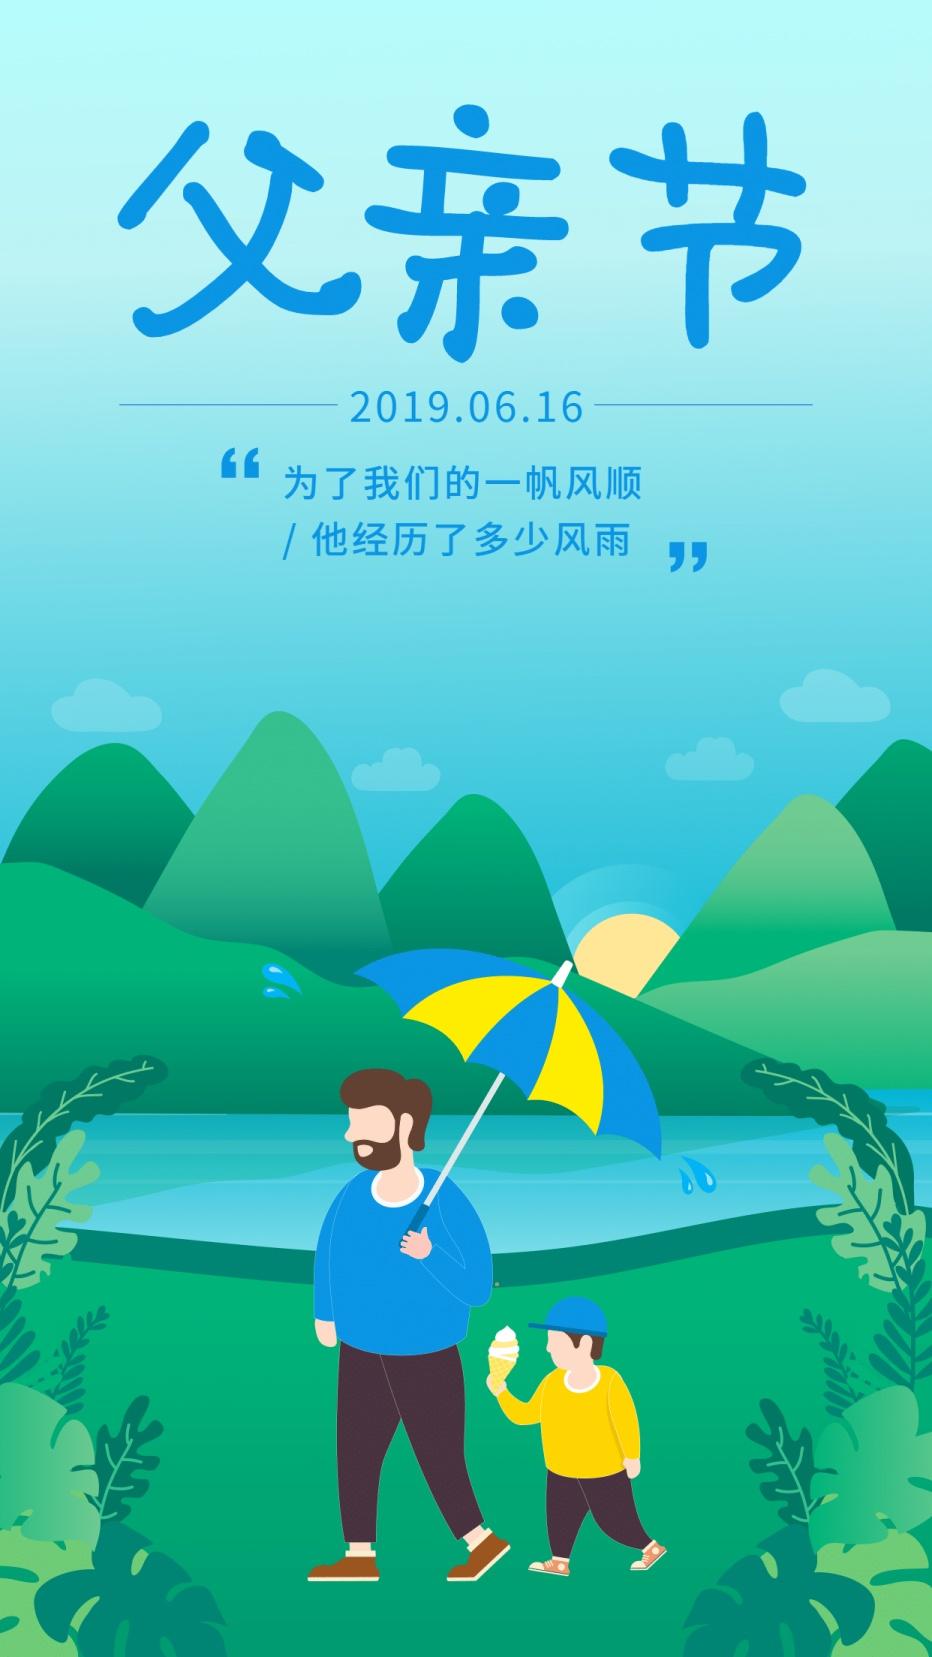 父亲节扁平插画风手机海报